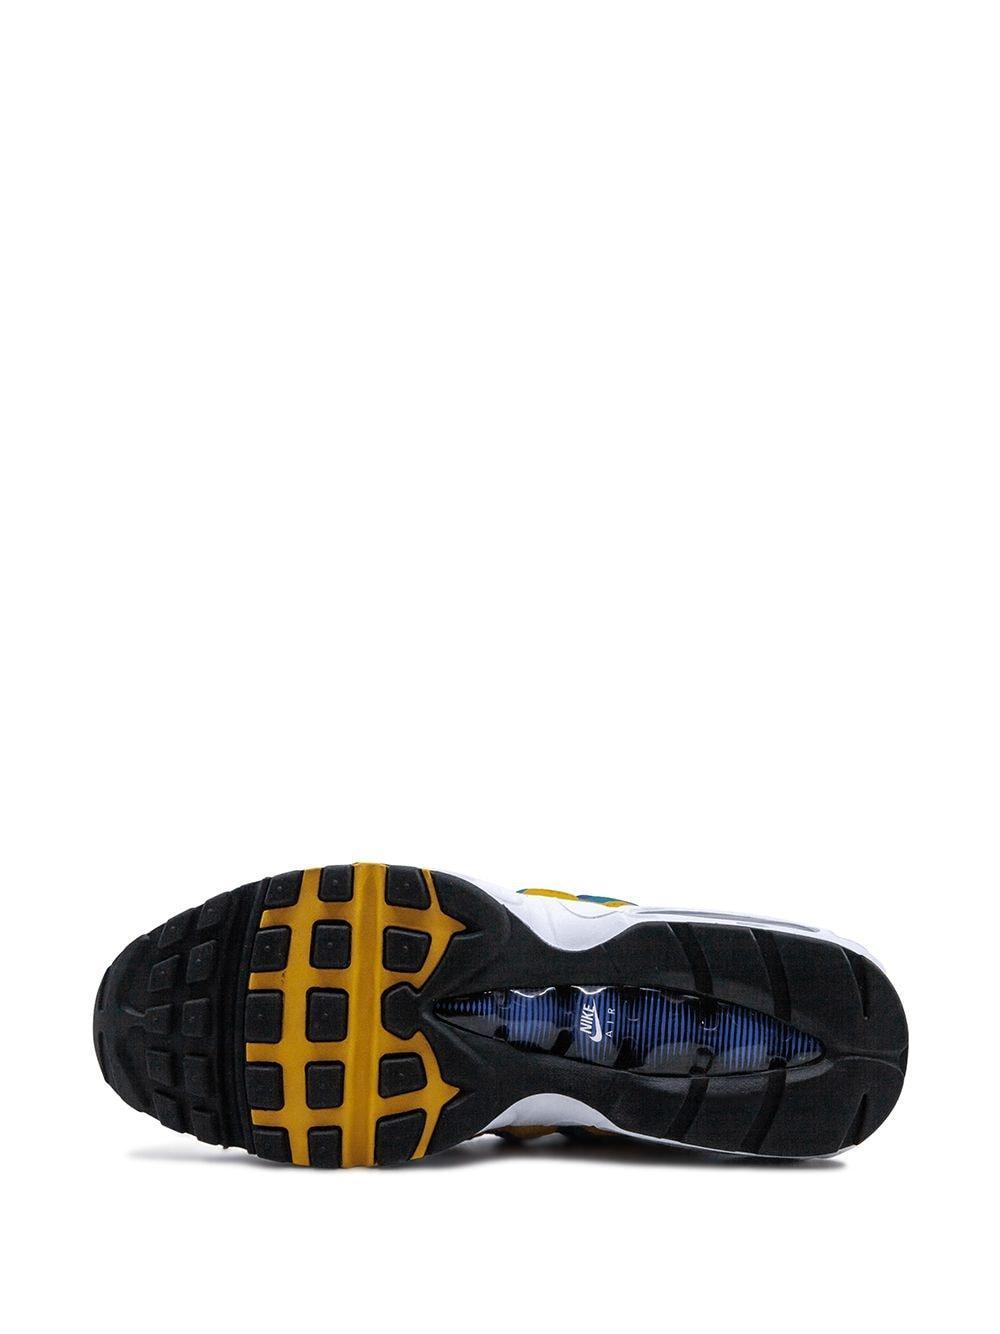 Zapatillas Air Max 95 SE Nike de Neopreno de color Blanco